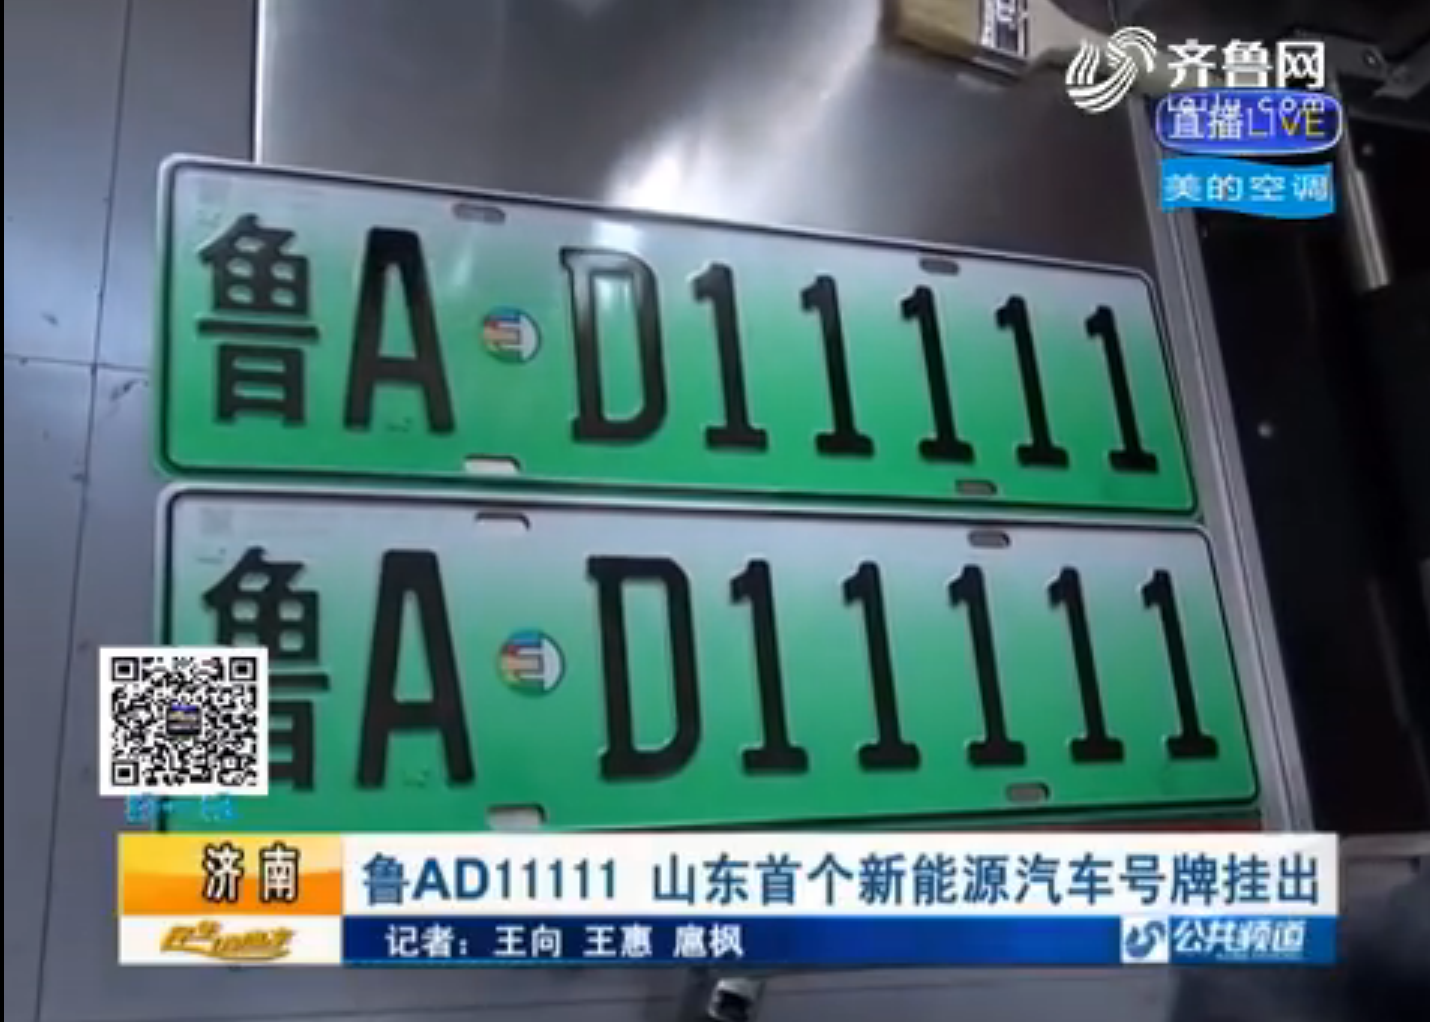 济南:鲁ad11111 山东首个新能源汽车号牌挂出